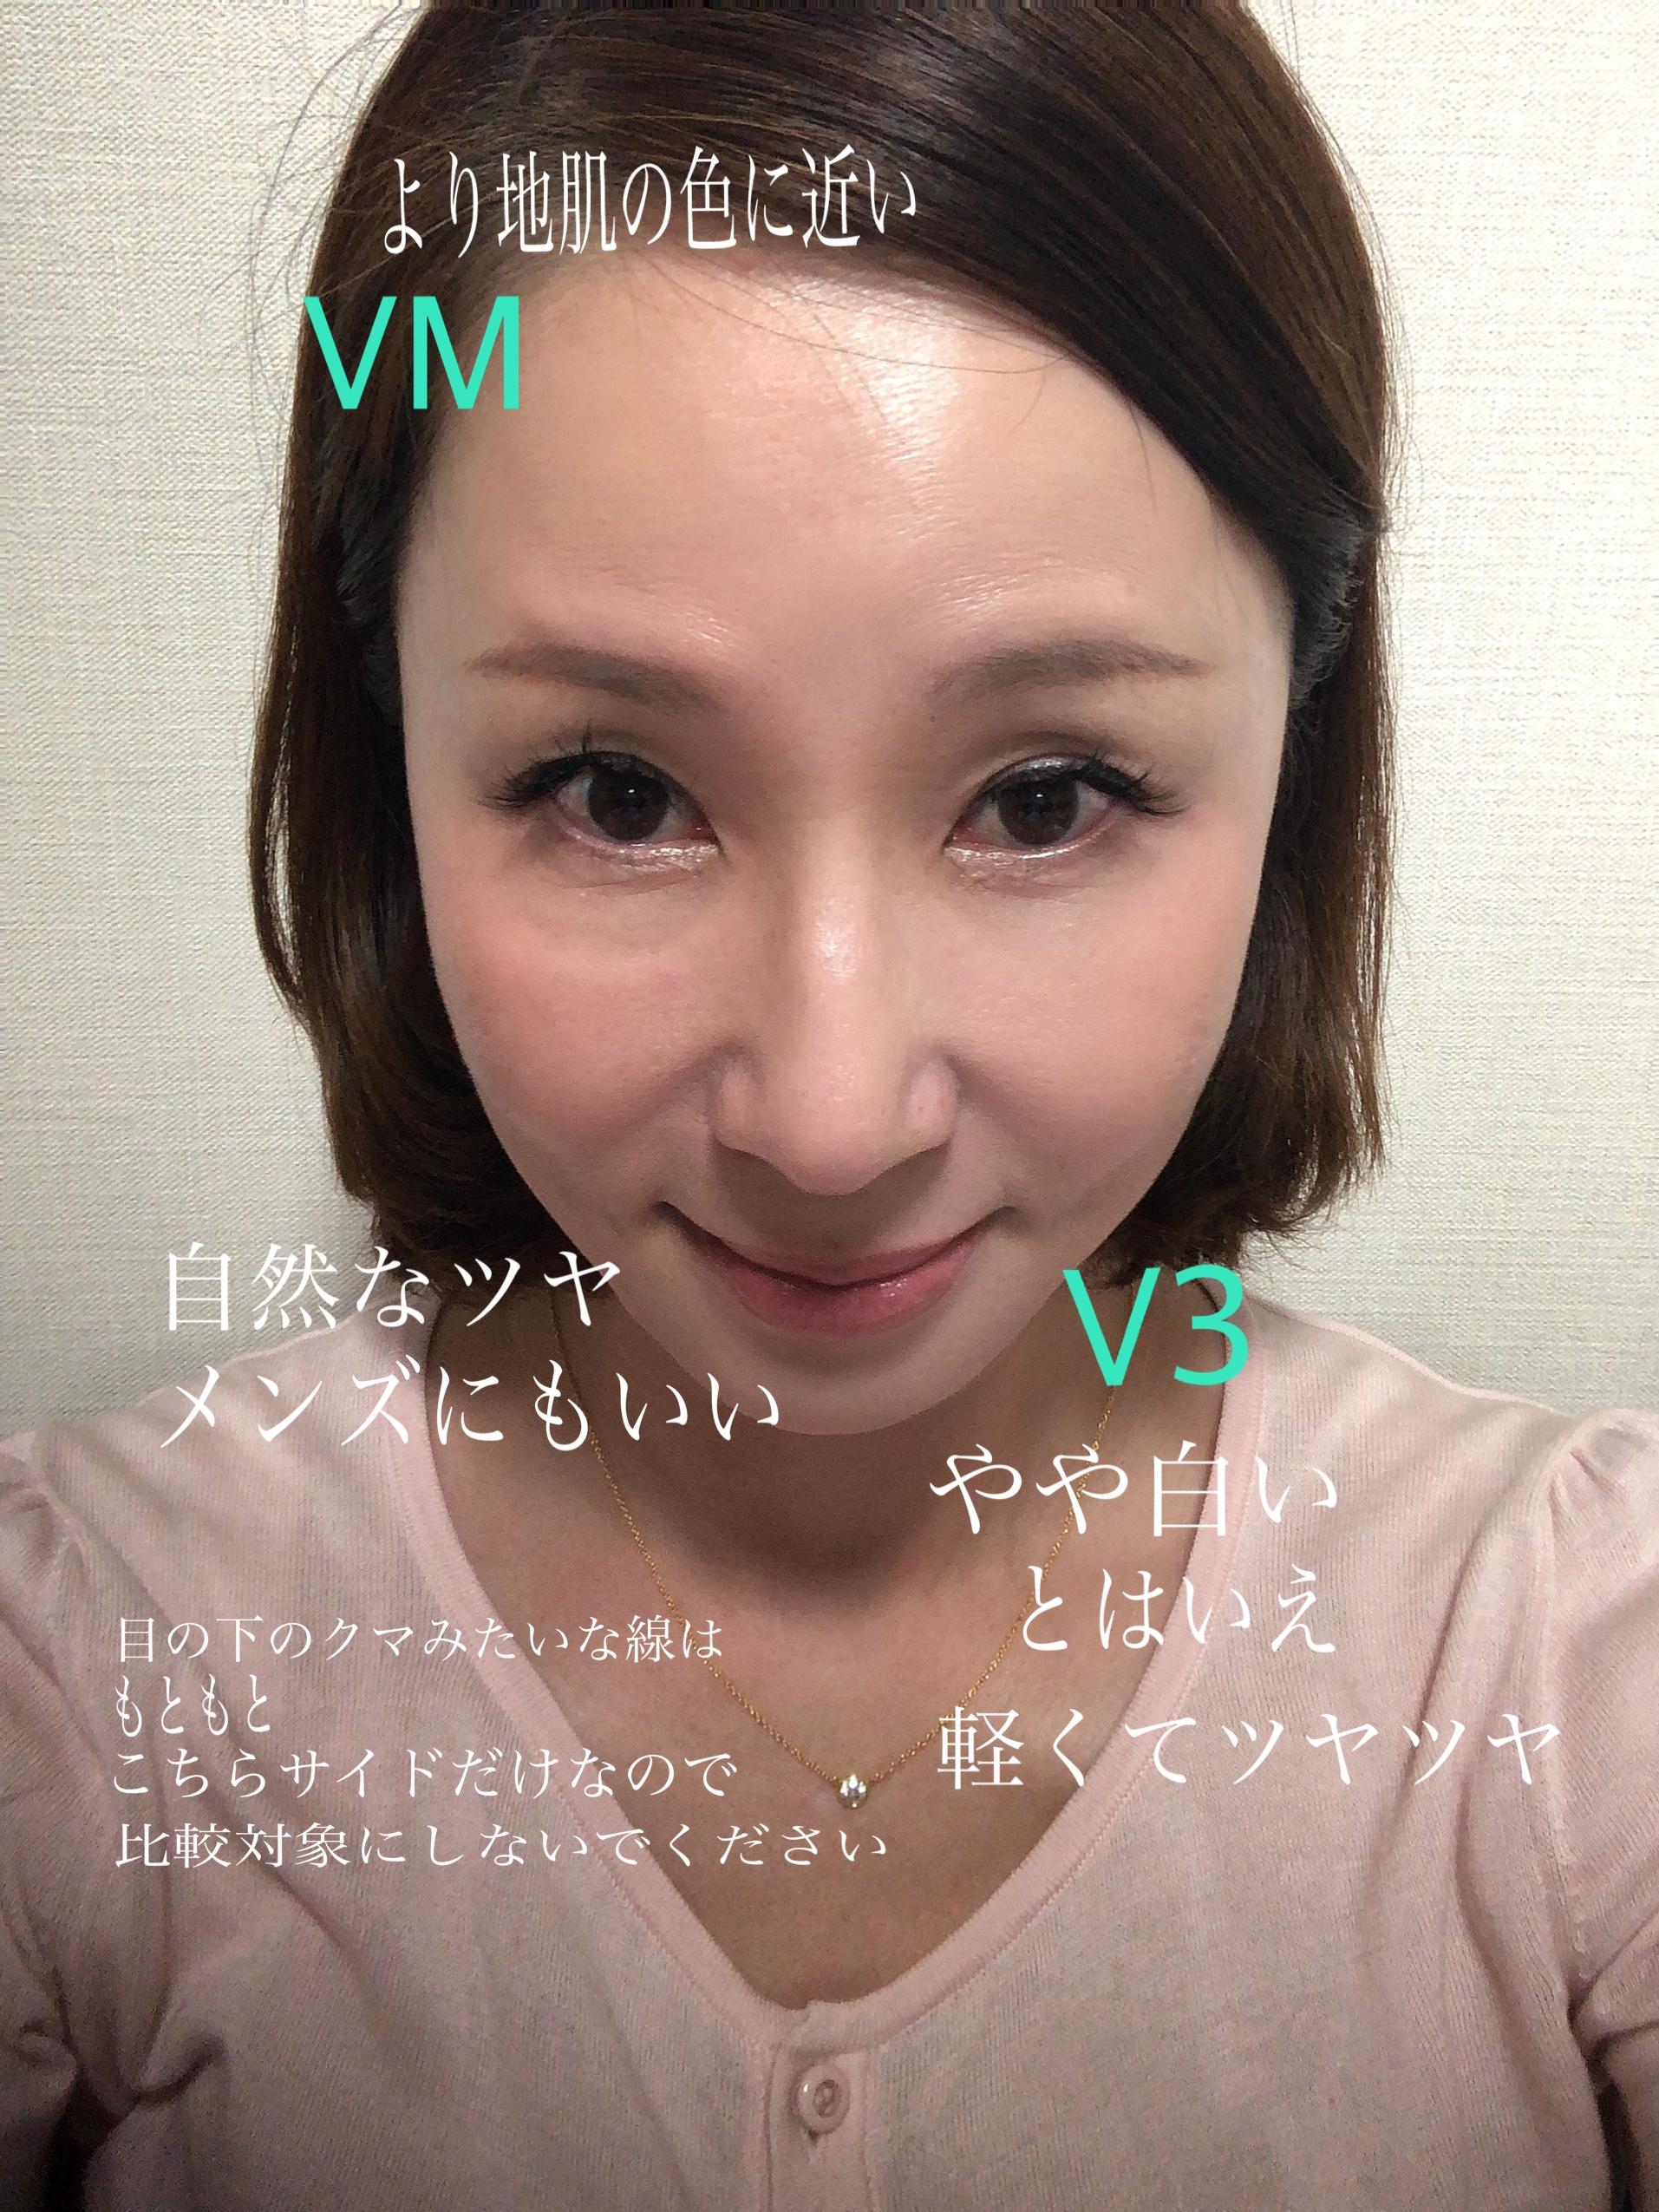 ファンデーション vm